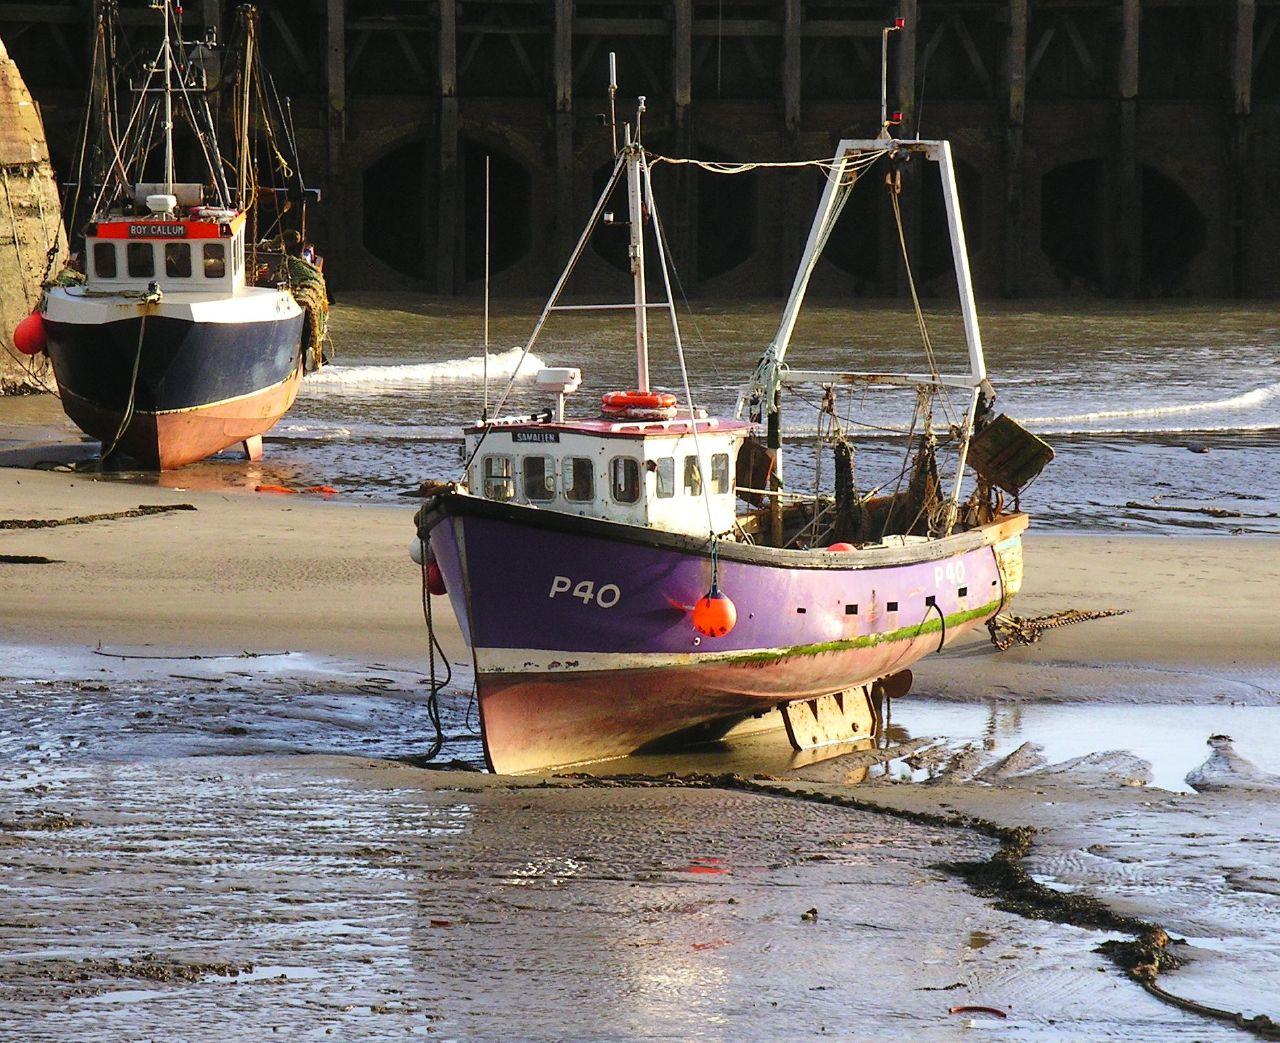 Book 3, Walk 13, Folkestone Circular 8 Amphibious craft, 3 March '07